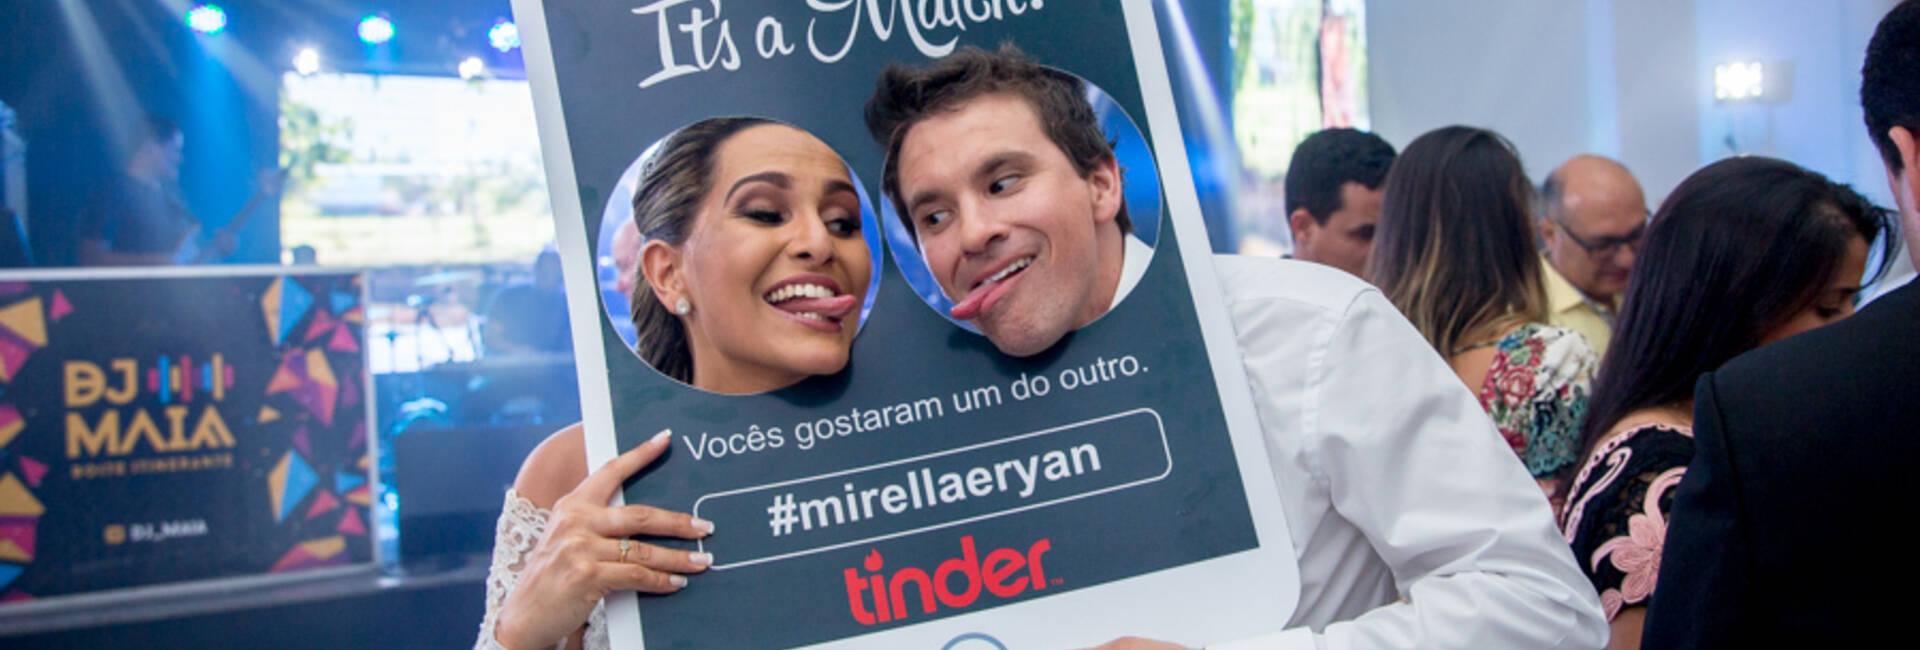 Casamento de Mirella & Ryan